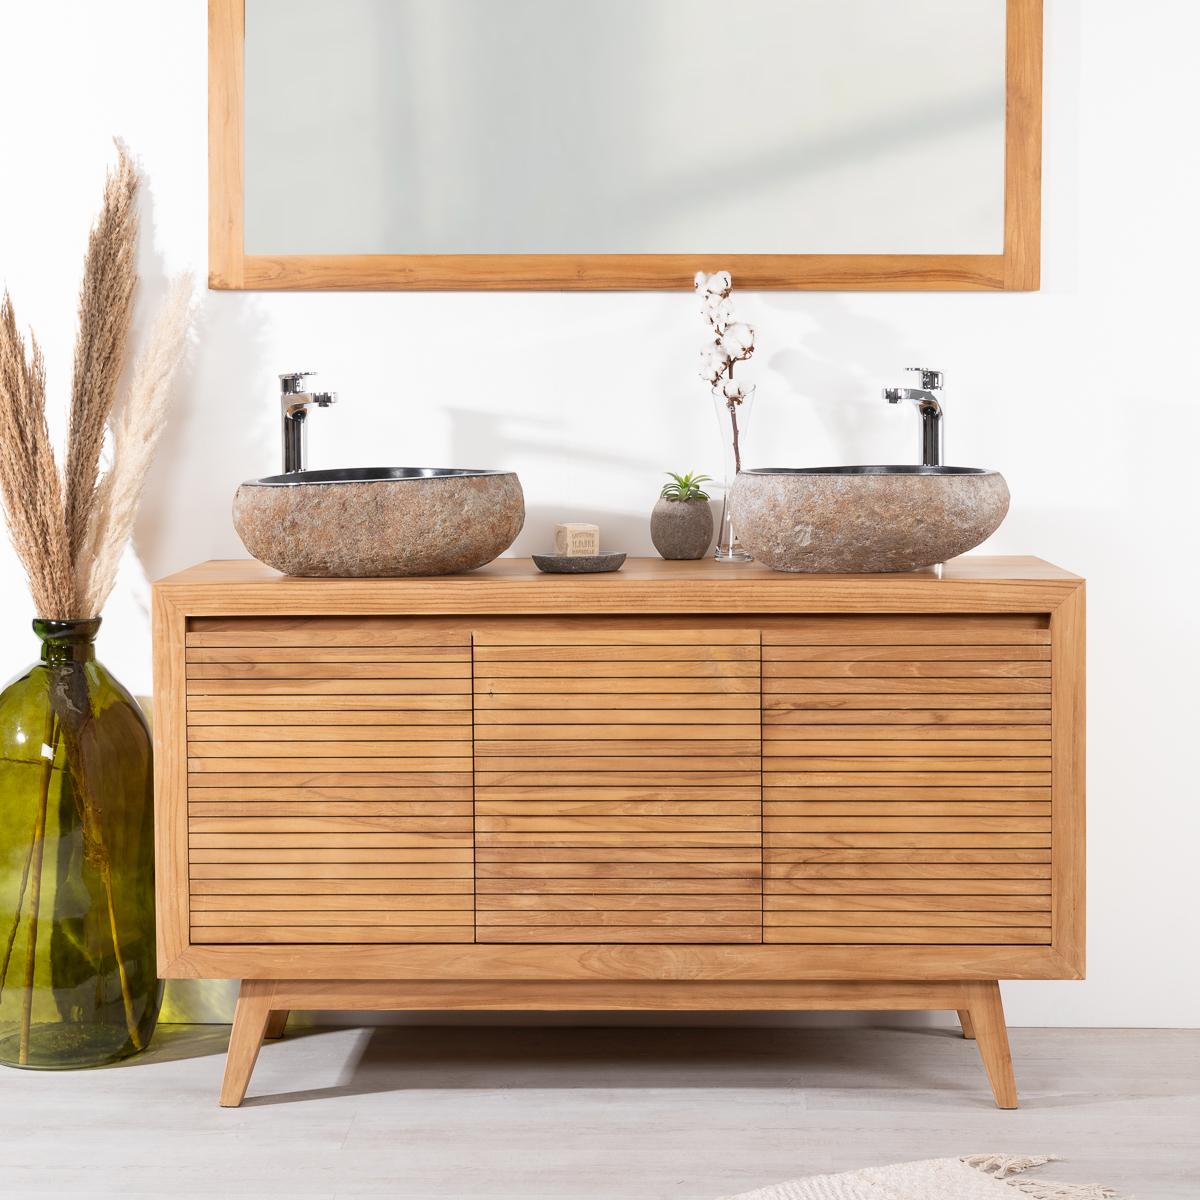 Meuble Salle De Bain Design Contemporain meuble salle de bain en teck vintage 140